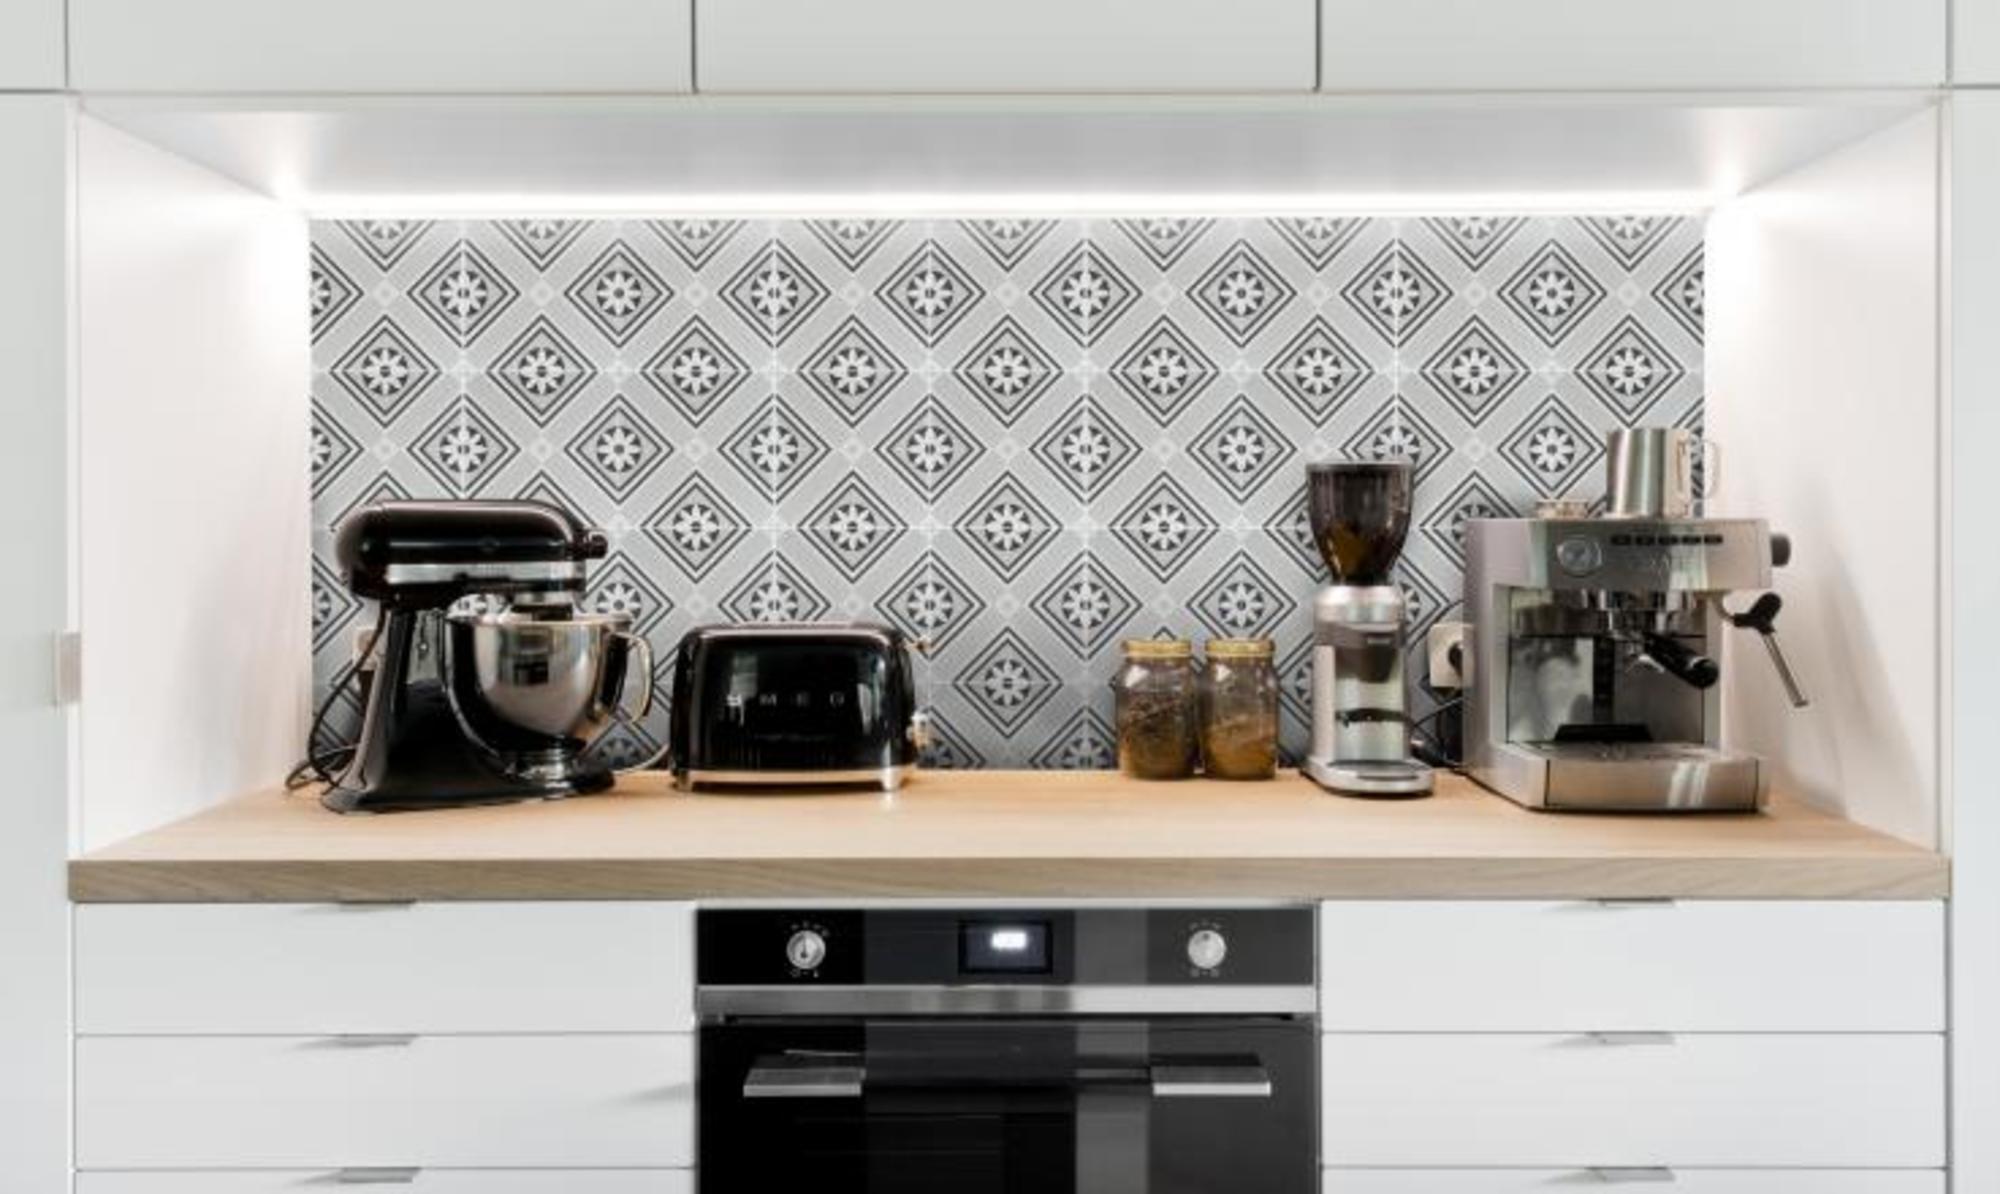 Keuken Tegels Kopen : Keukentegels gavra